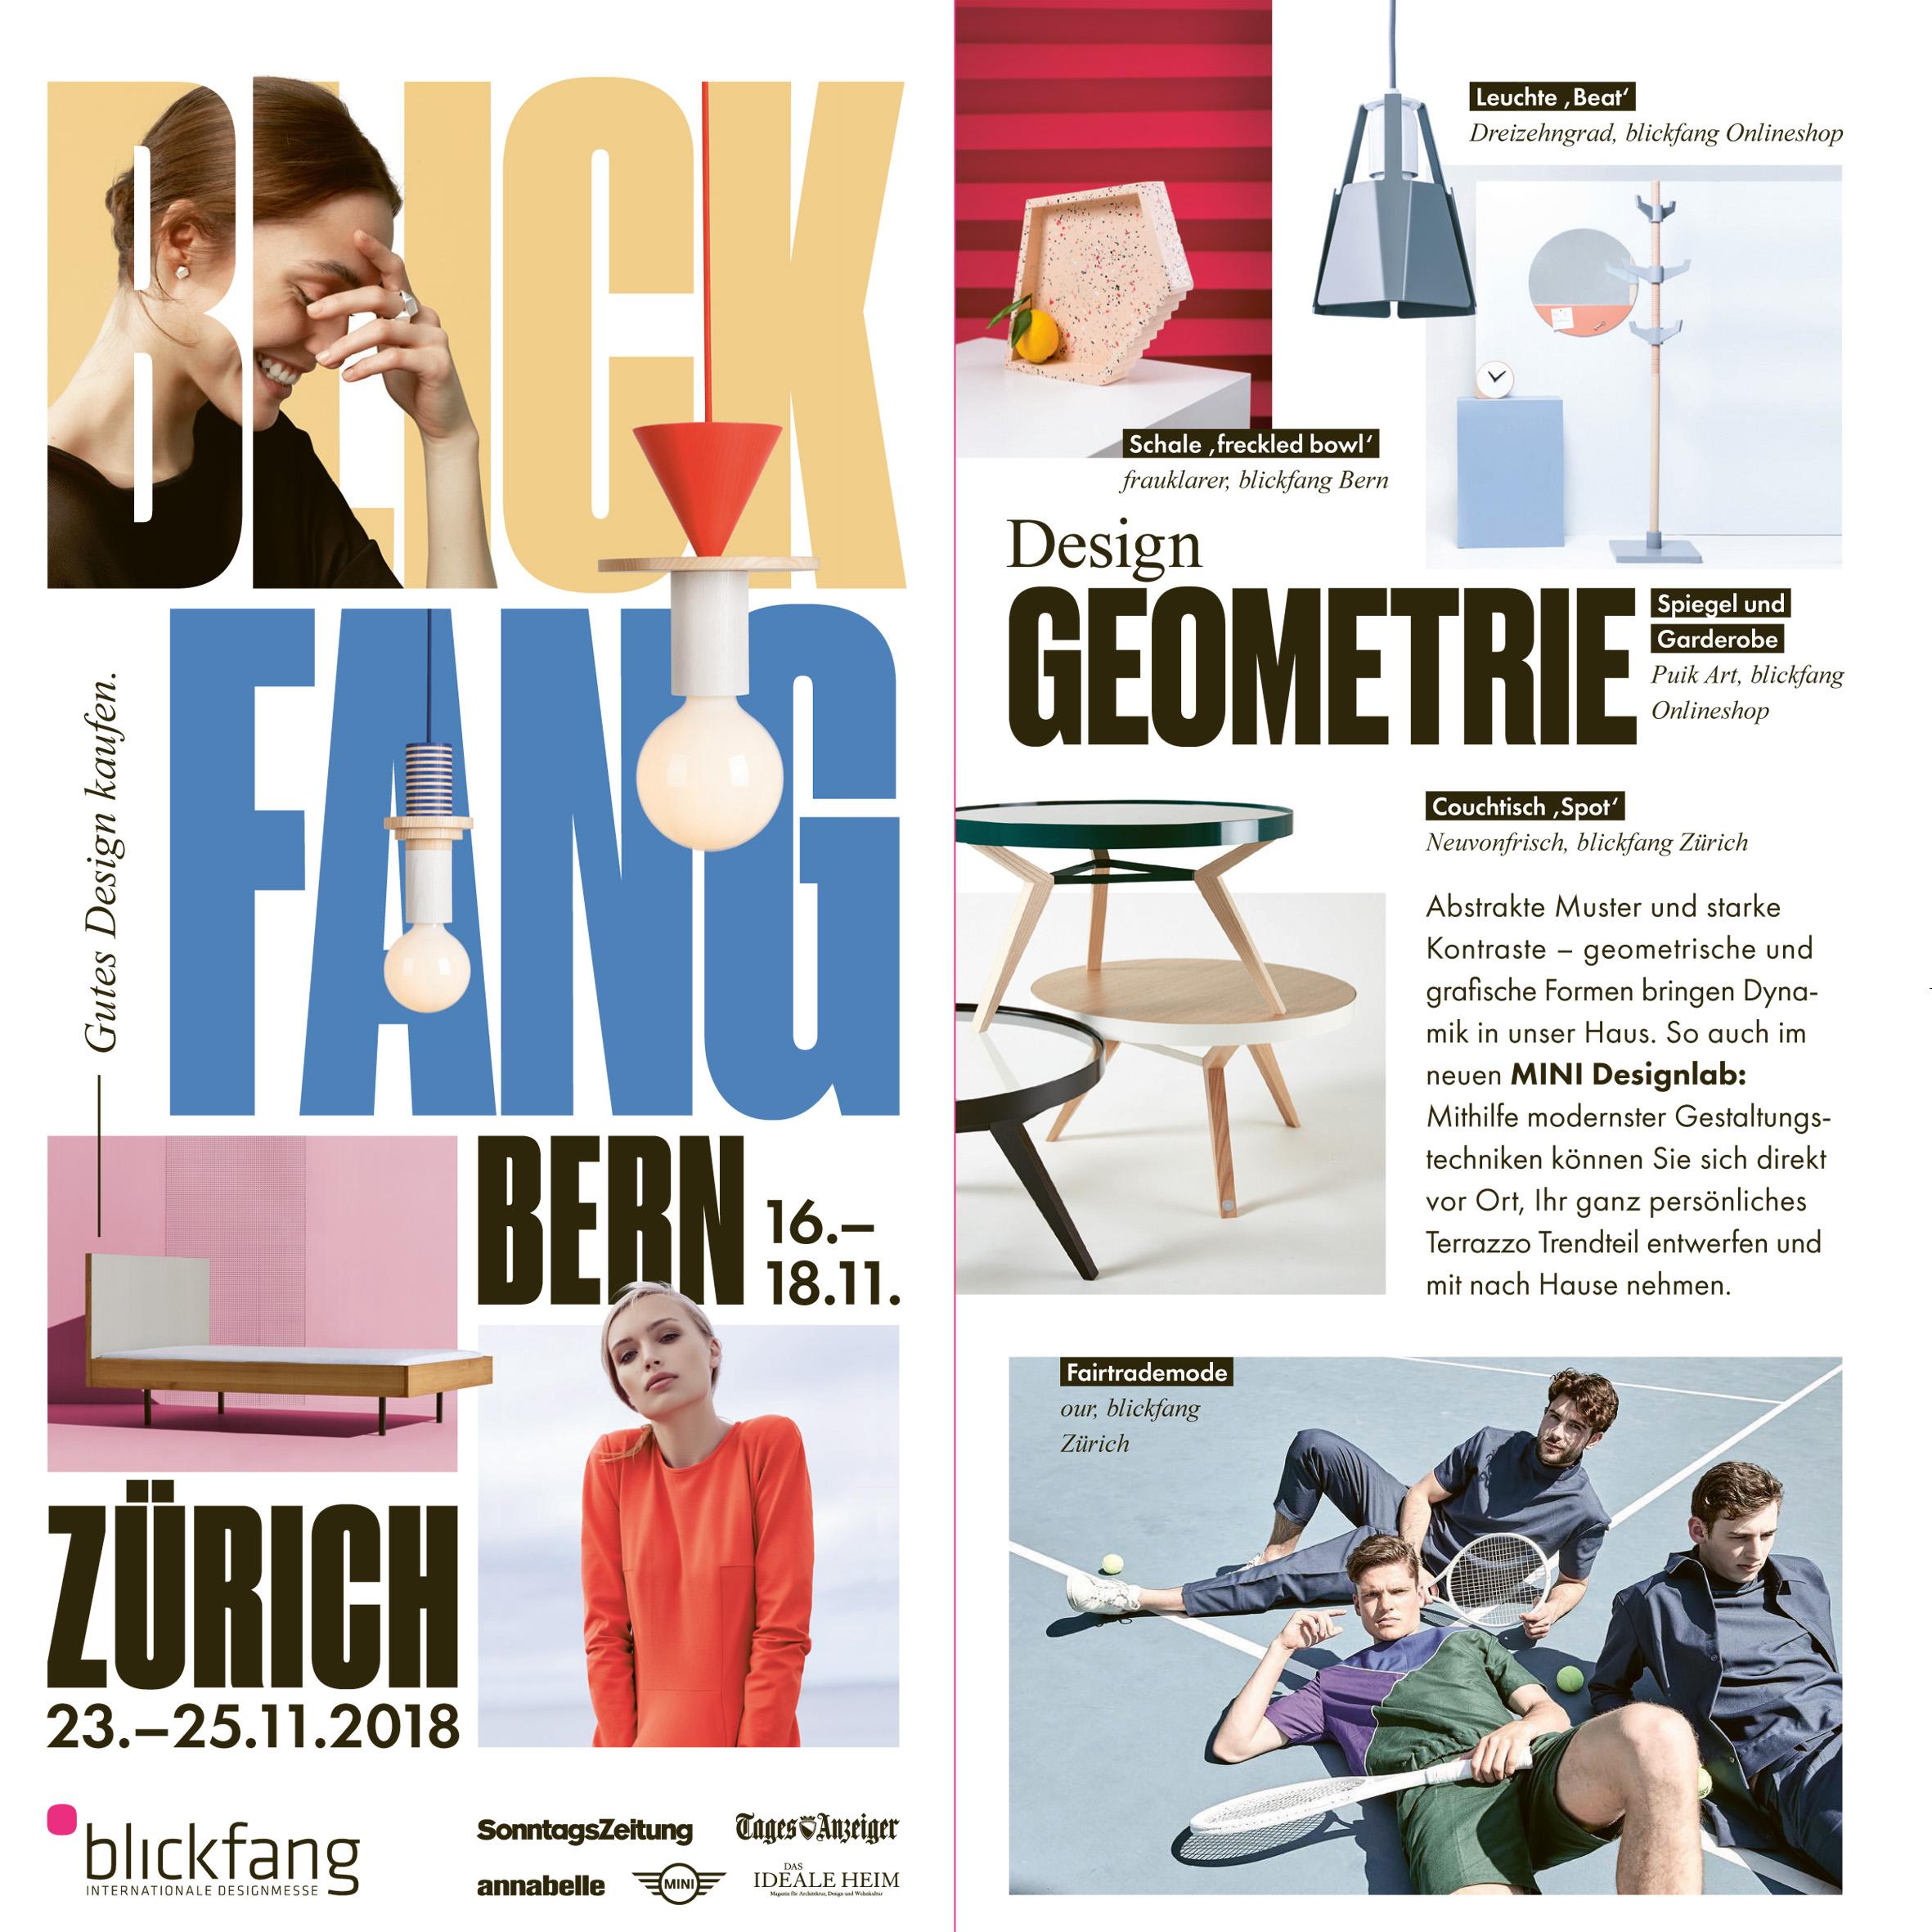 Blickfang – Zurich // 23.–25.Nov.2018